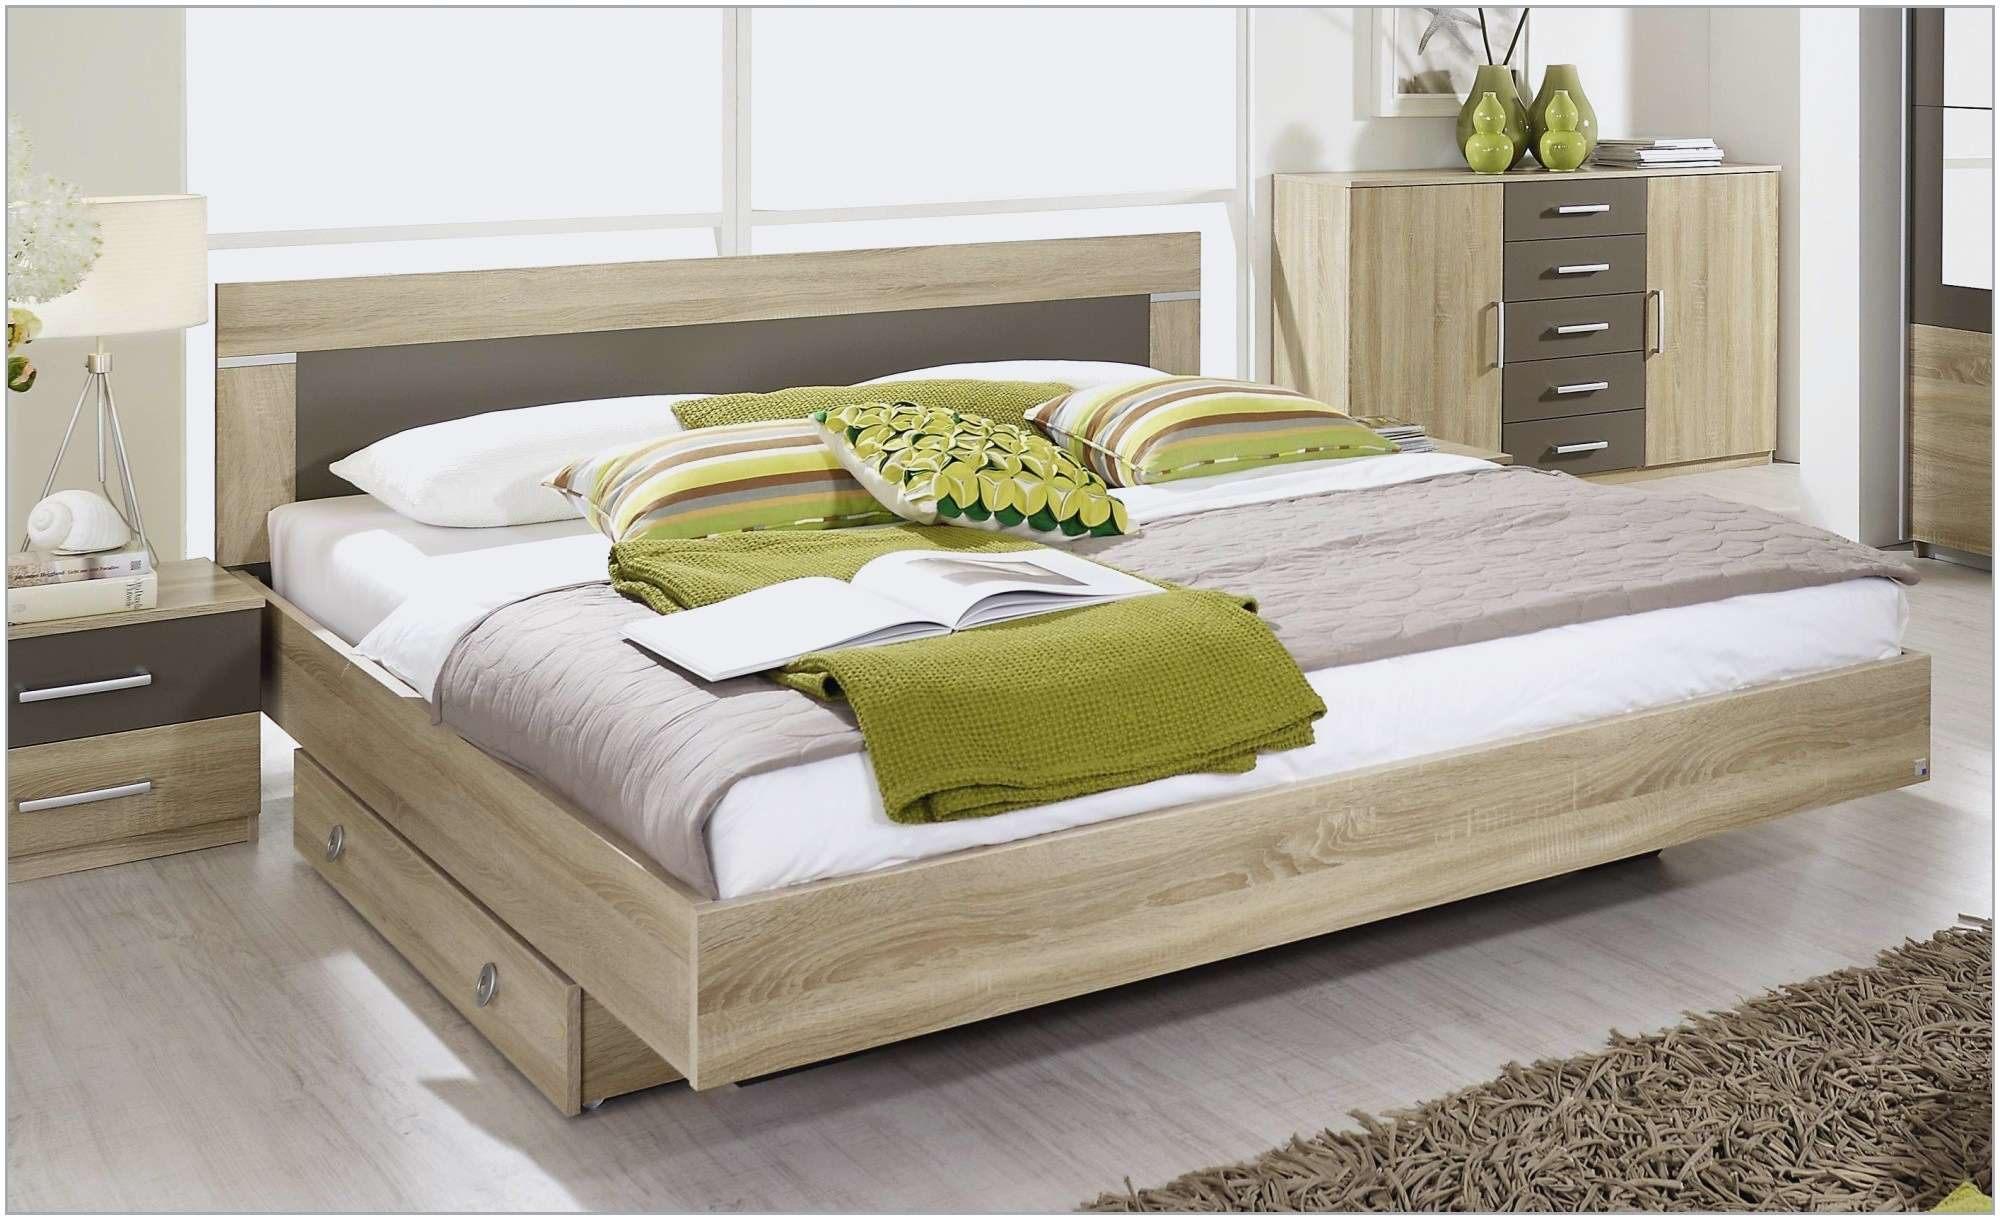 Lit Rangement Ikea Inspiré Inspiré Cheval En Bois Ikea Impressionnant Image Tete De Lit Avec